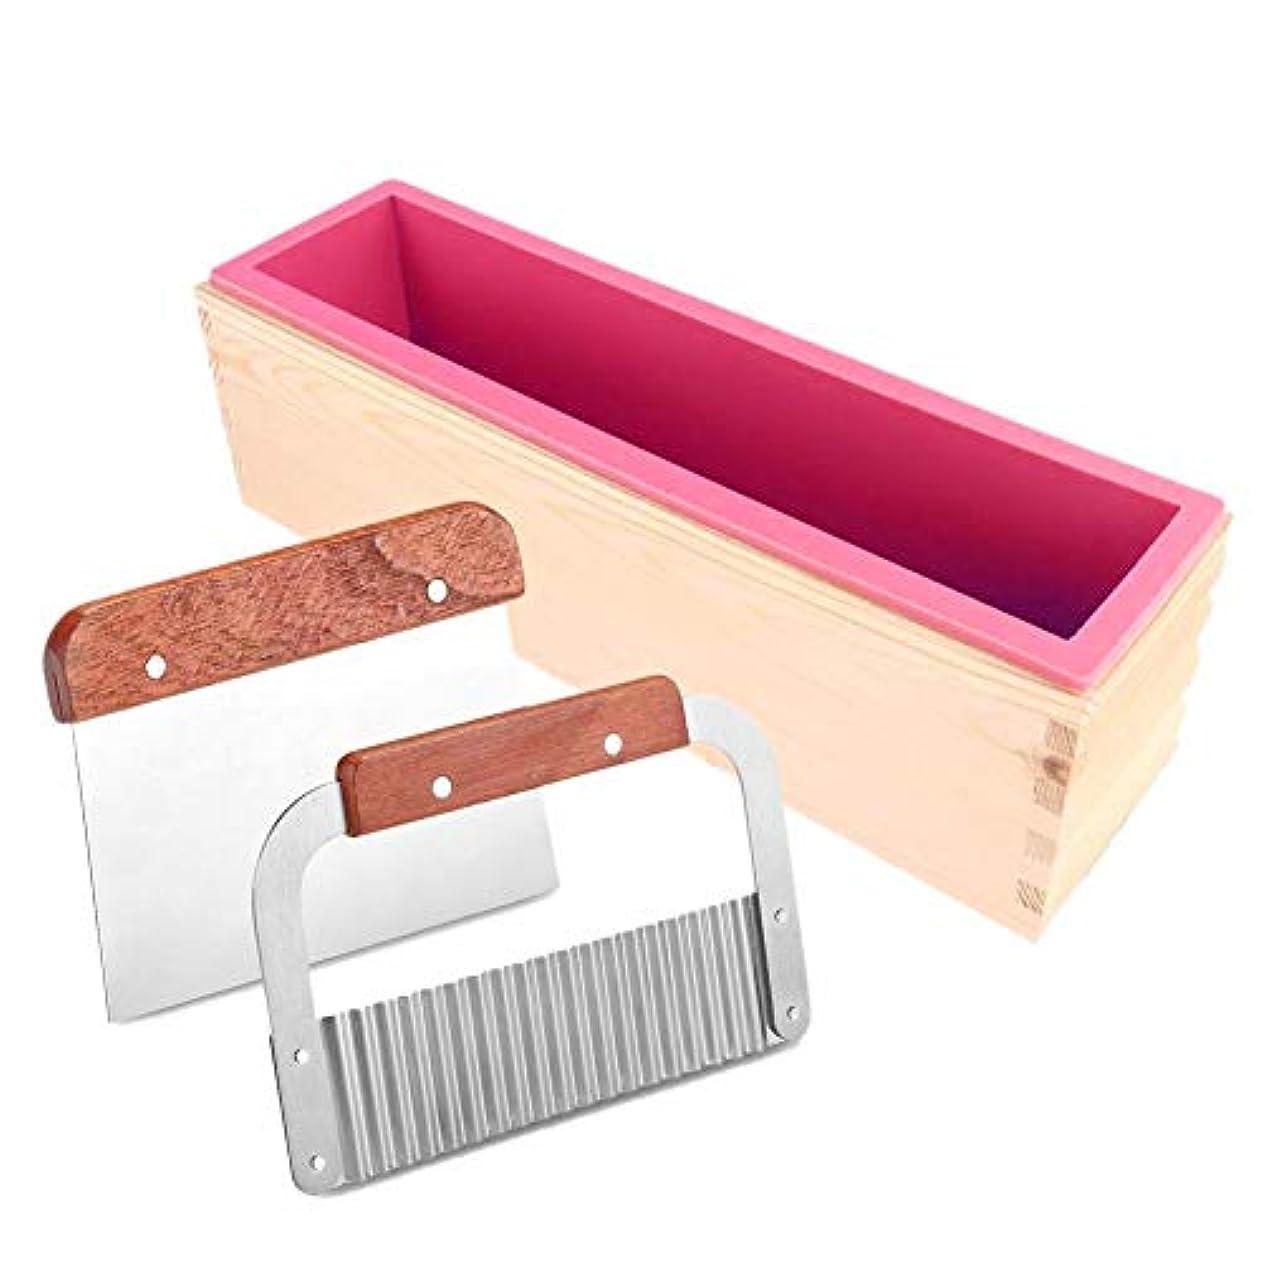 インセンティブにもかかわらず不和Ragemのシリコーンの石鹸型 - 自家製の石鹸の作成のための2Pcsカッターの皮むき器が付いている長方形の木箱の石鹸の作成型